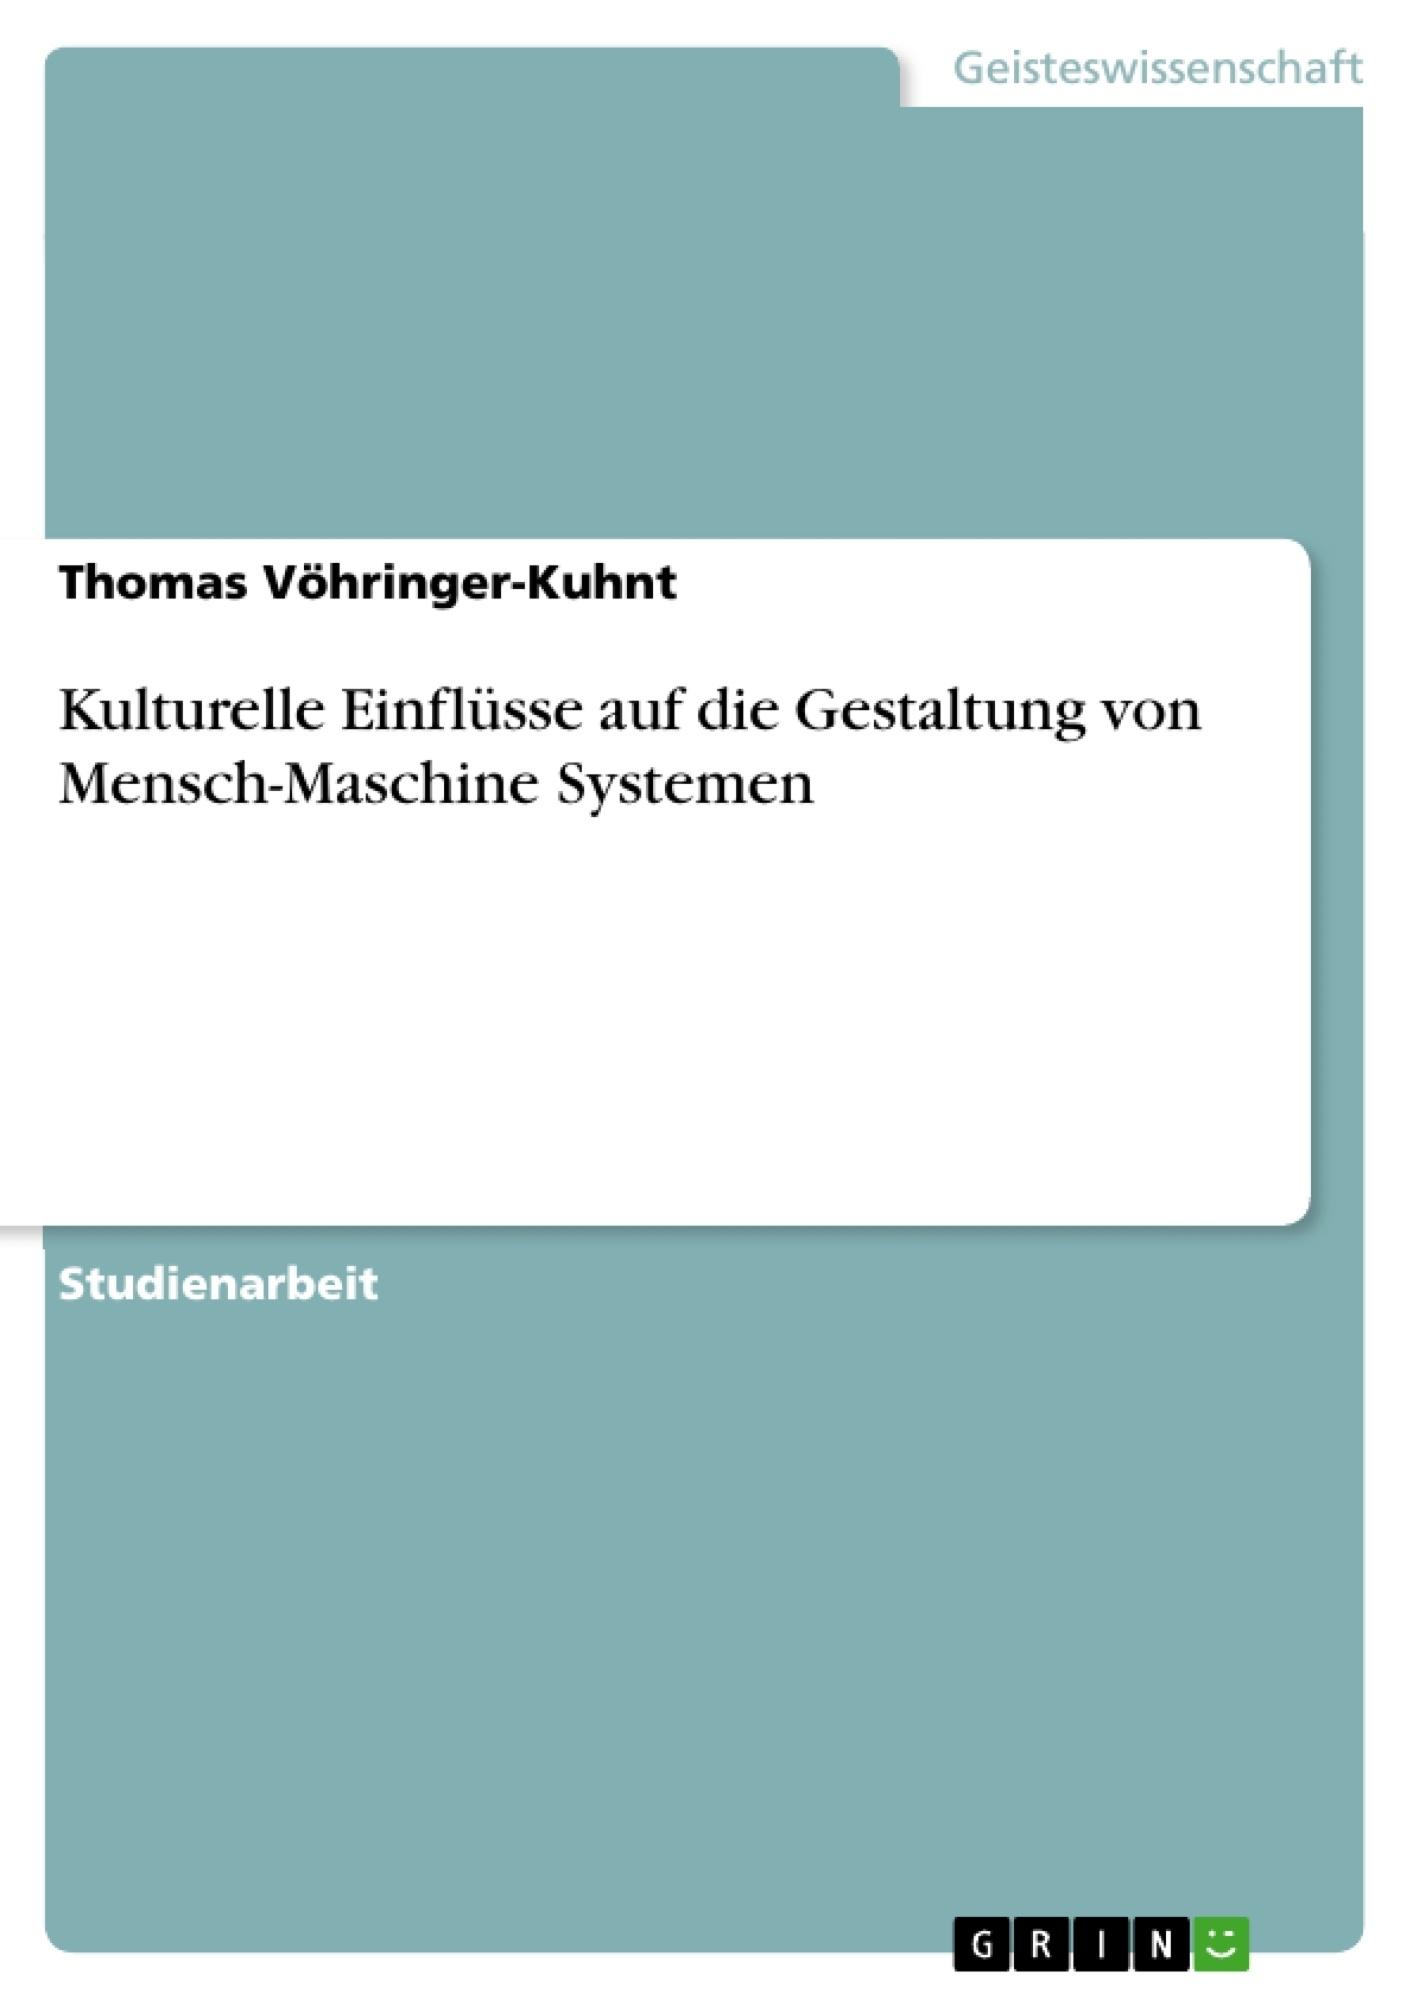 Titel: Kulturelle Einflüsse auf die Gestaltung von Mensch-Maschine Systemen